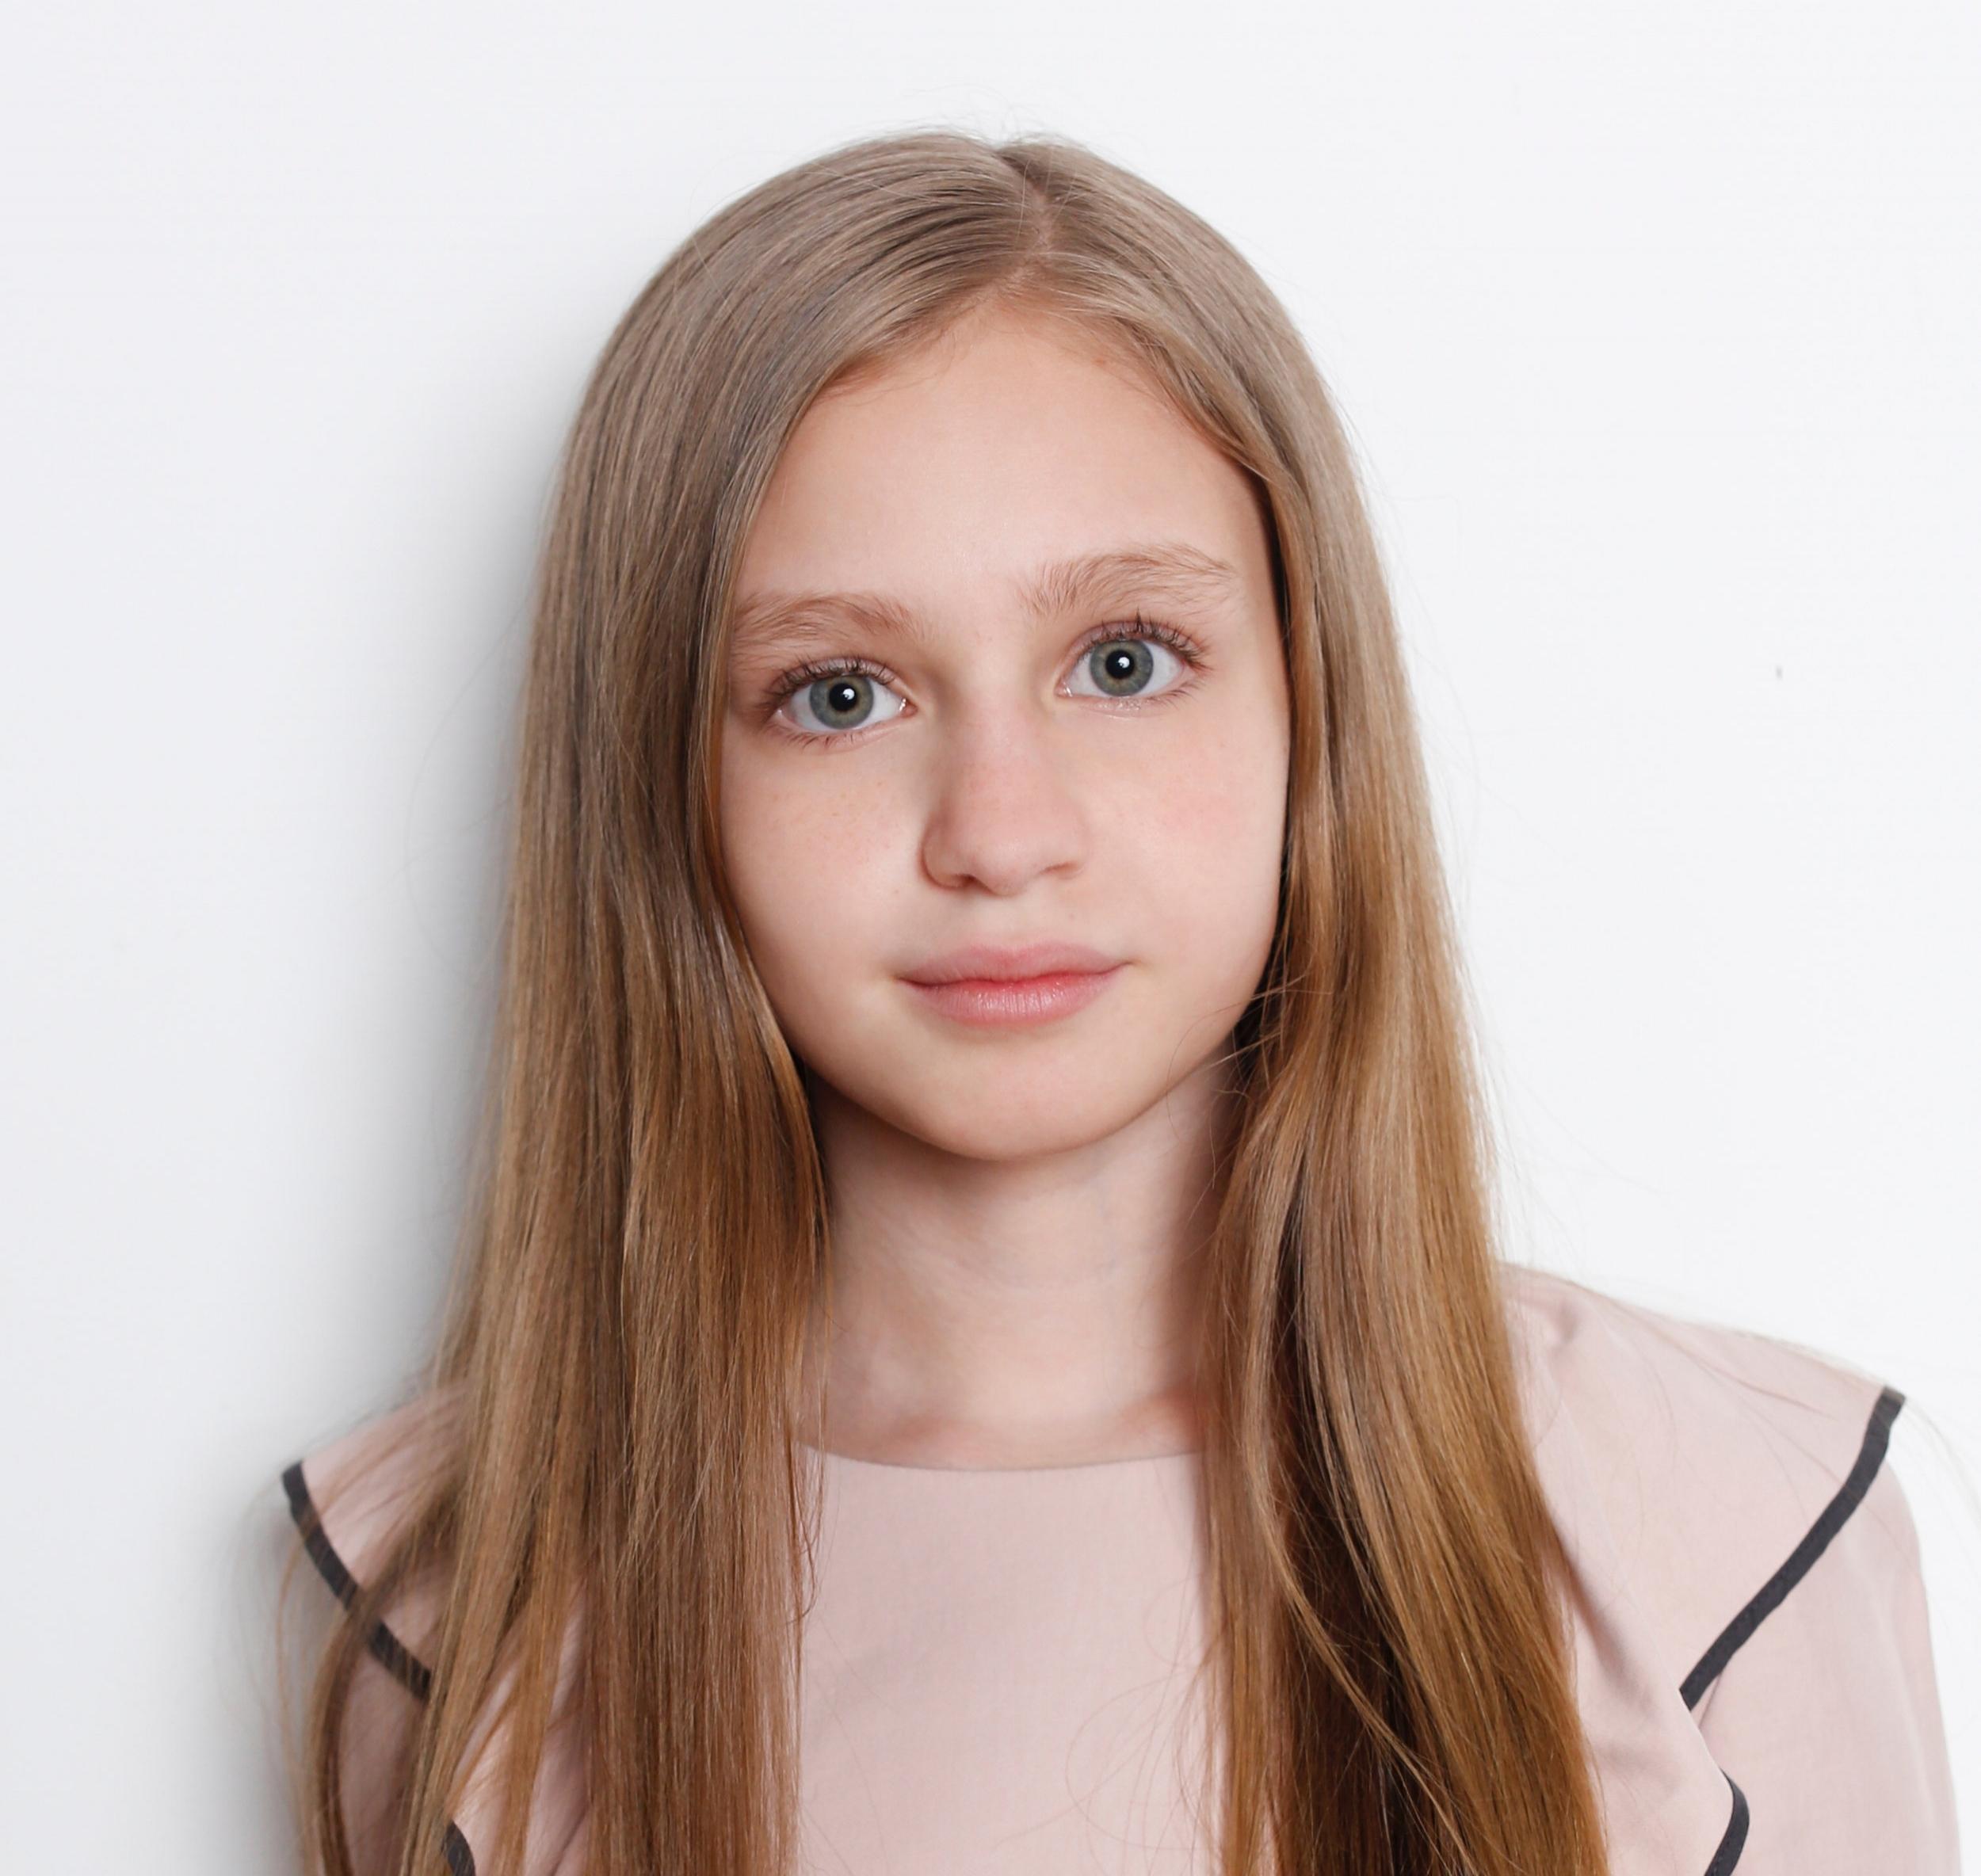 Mimi Ryder